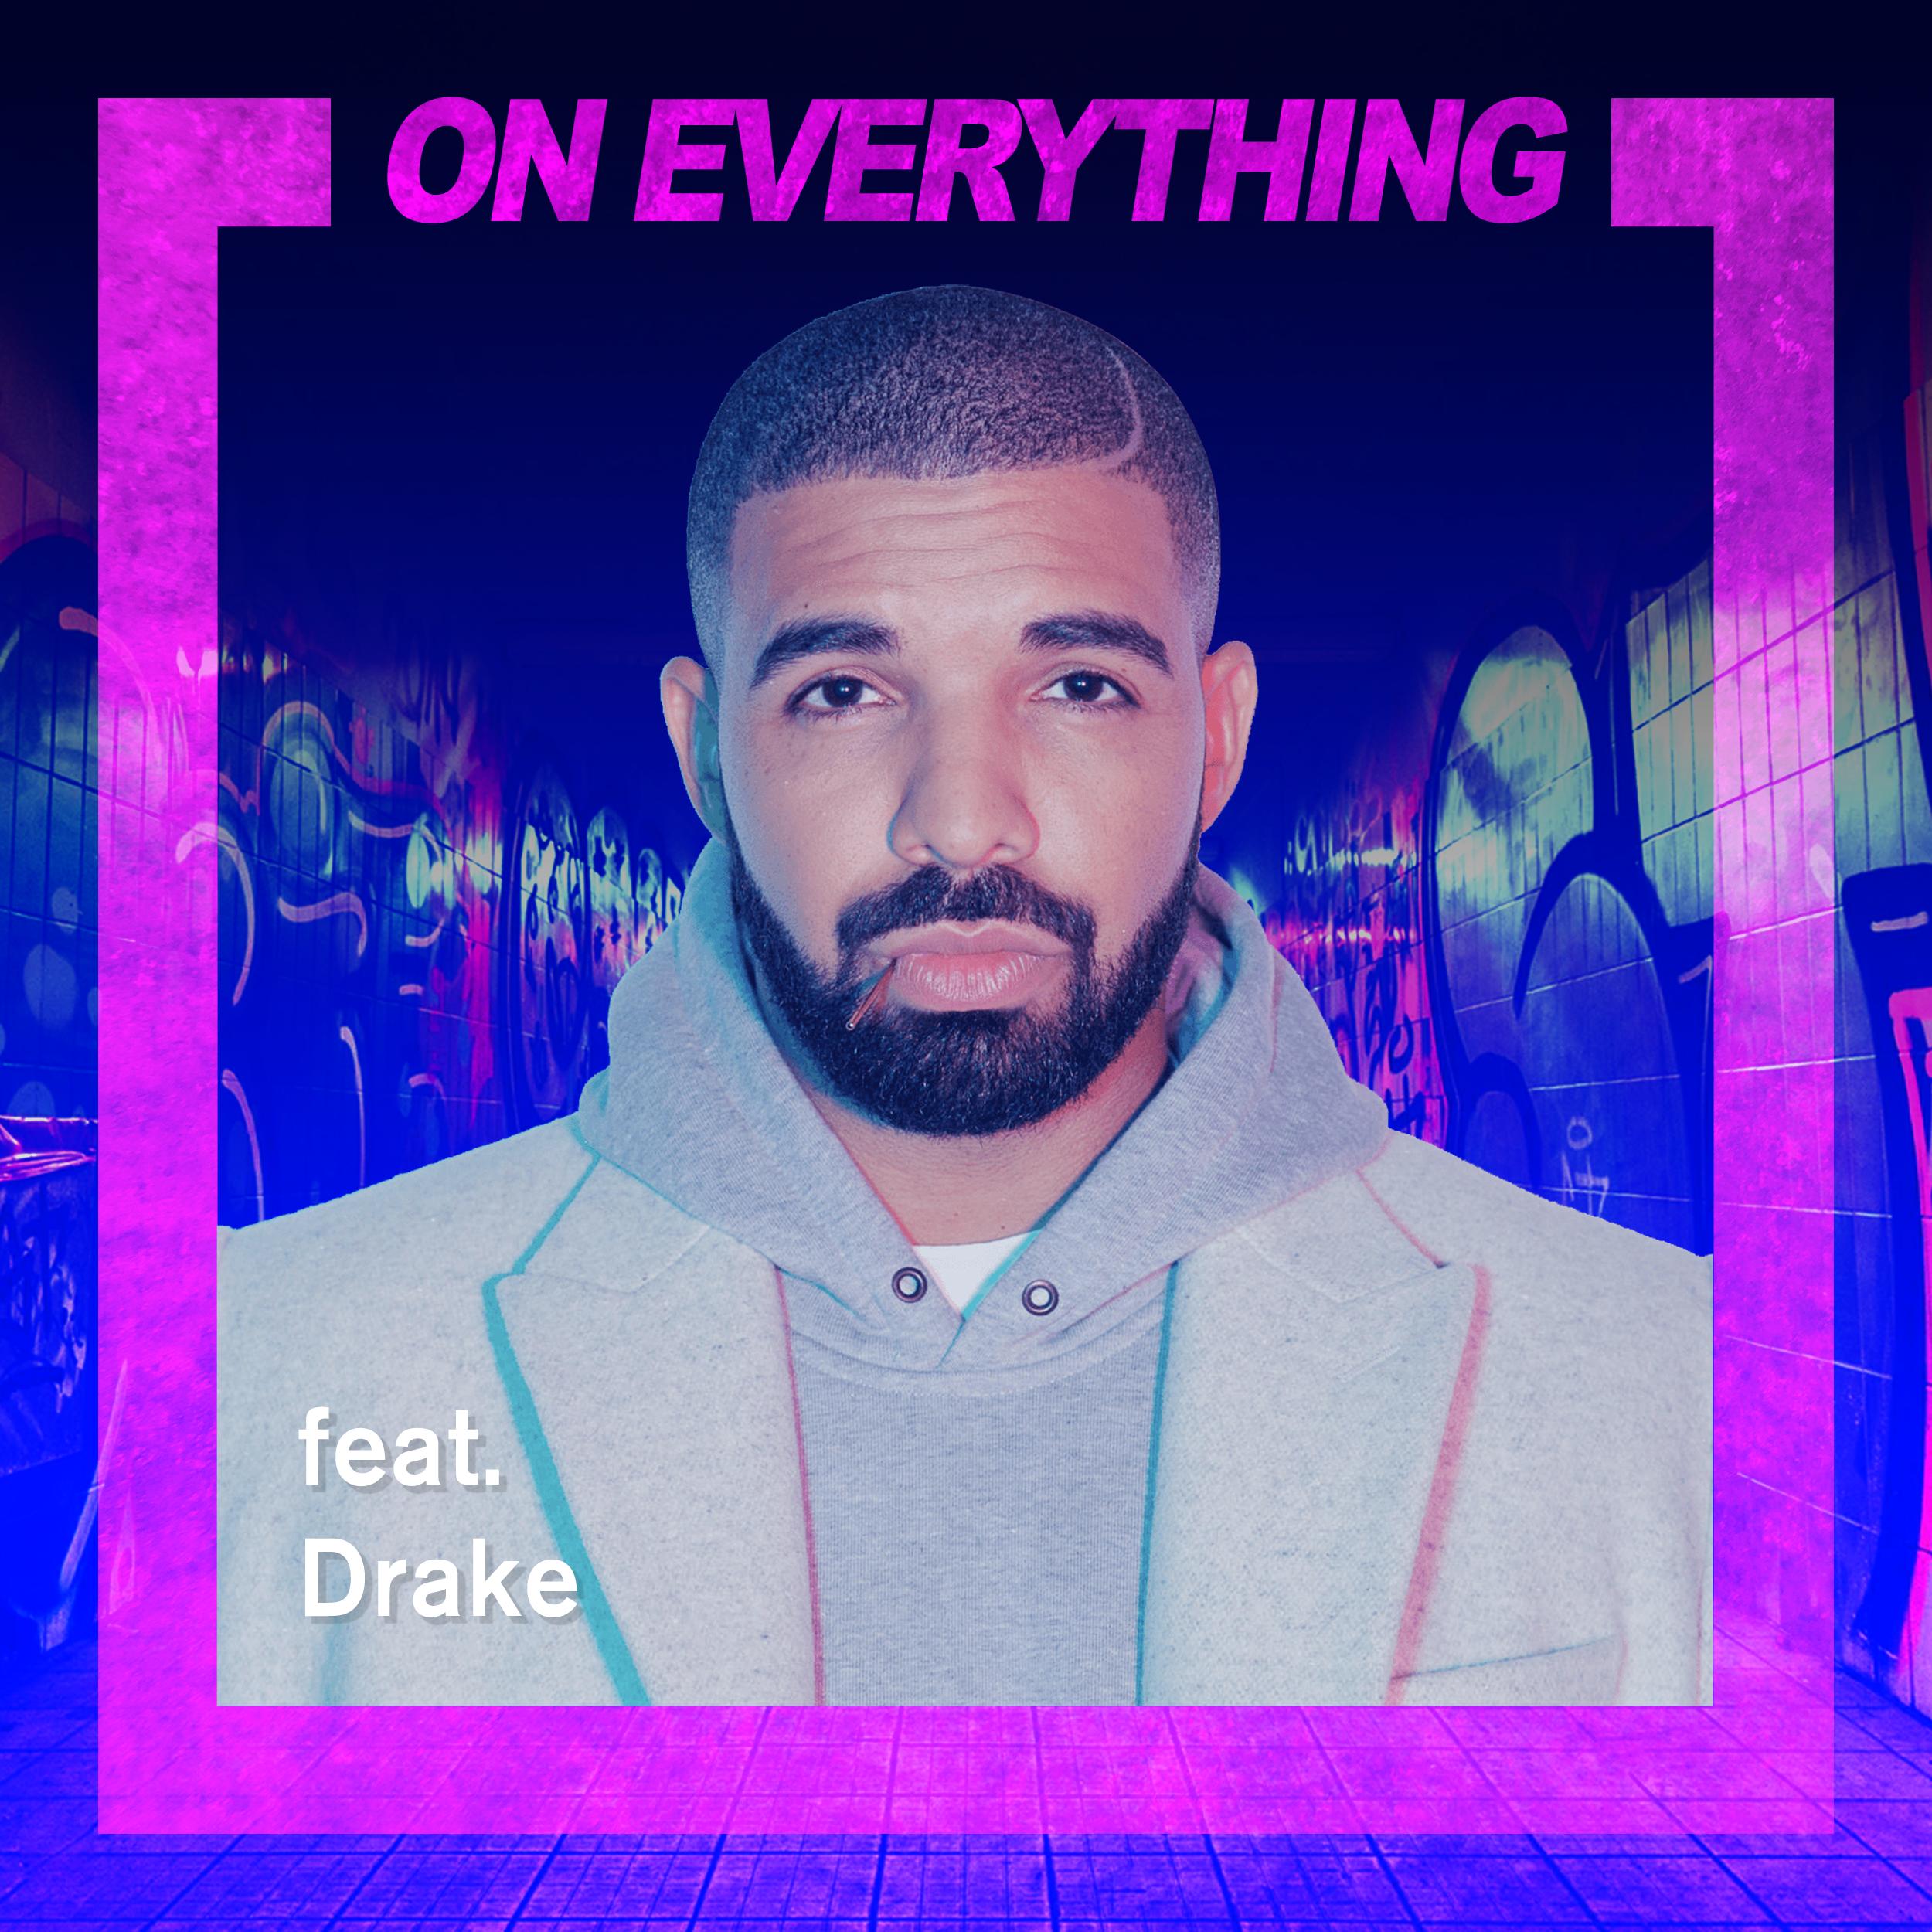 OnEverything-Graffitti-Drake.png